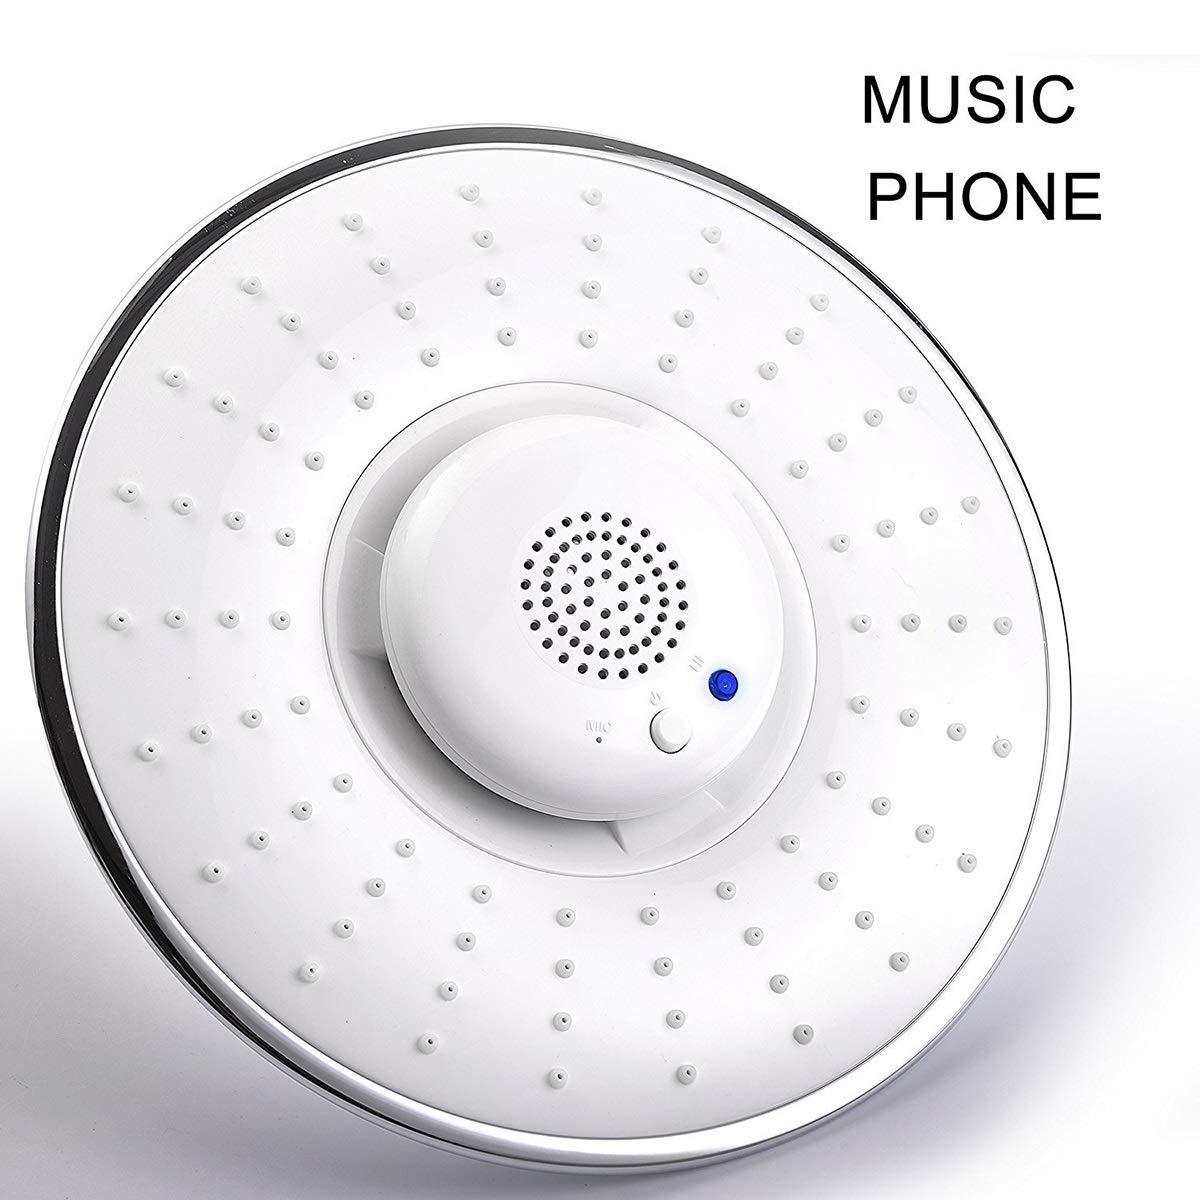 最新作 アップグレードレインシャワーヘッド B07KXW16MG、クリエイティブホームカラフルな 音楽の電話シャワートップスプレー B07KXW16MG, kiyokamorimoto 日見フランソア:cd2cf567 --- arianechie.dominiotemporario.com